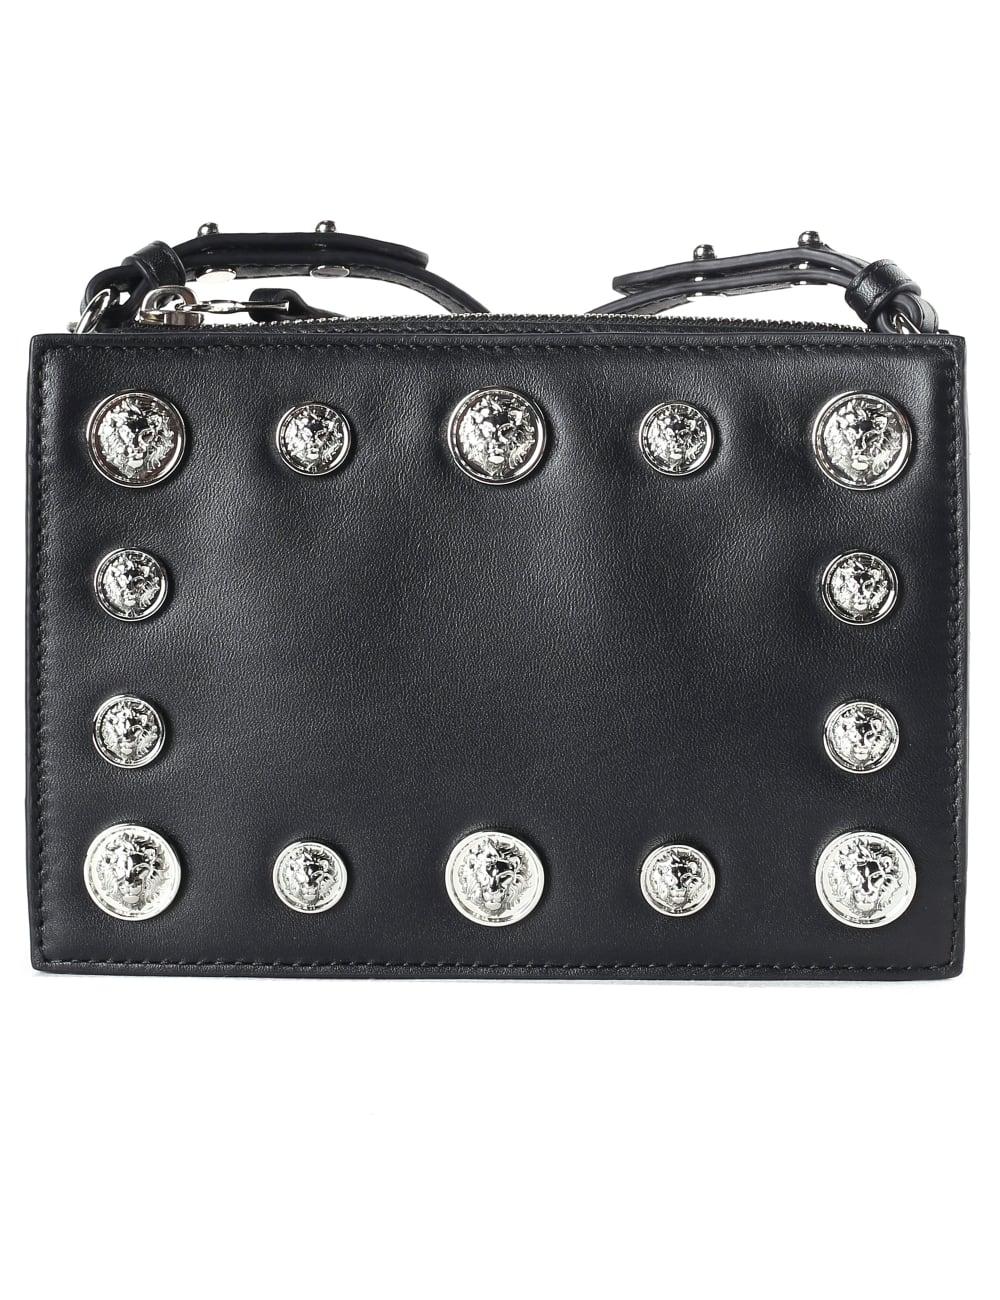 0ee1dcf03c60 Versus Versace Women s Multi Lion Head Zip Top Crossbody Bag